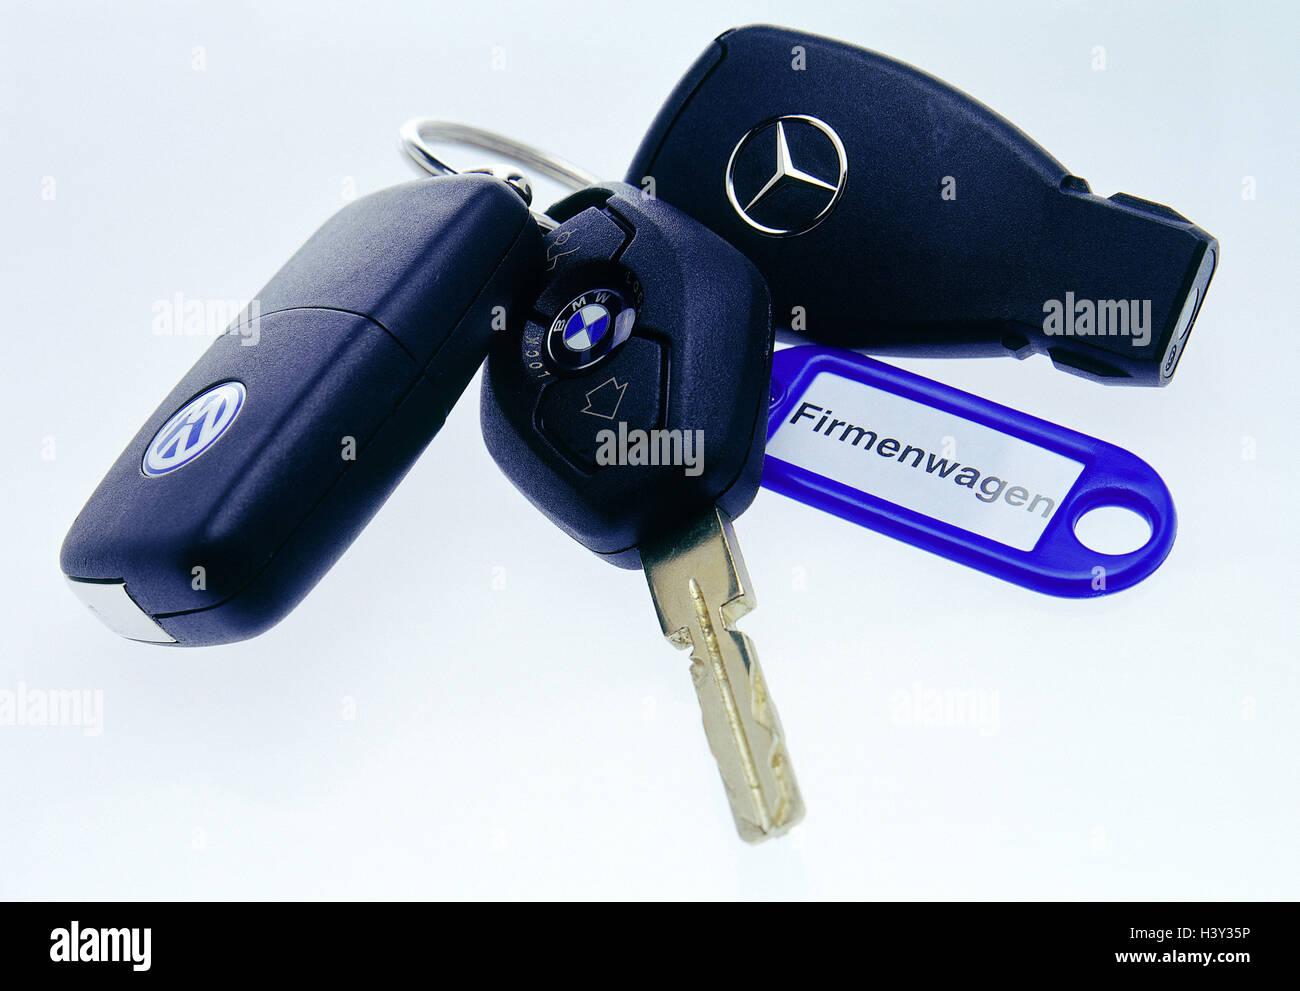 Mercedes Key Fob Stock Photos & Mercedes Key Fob Stock Images - Alamy